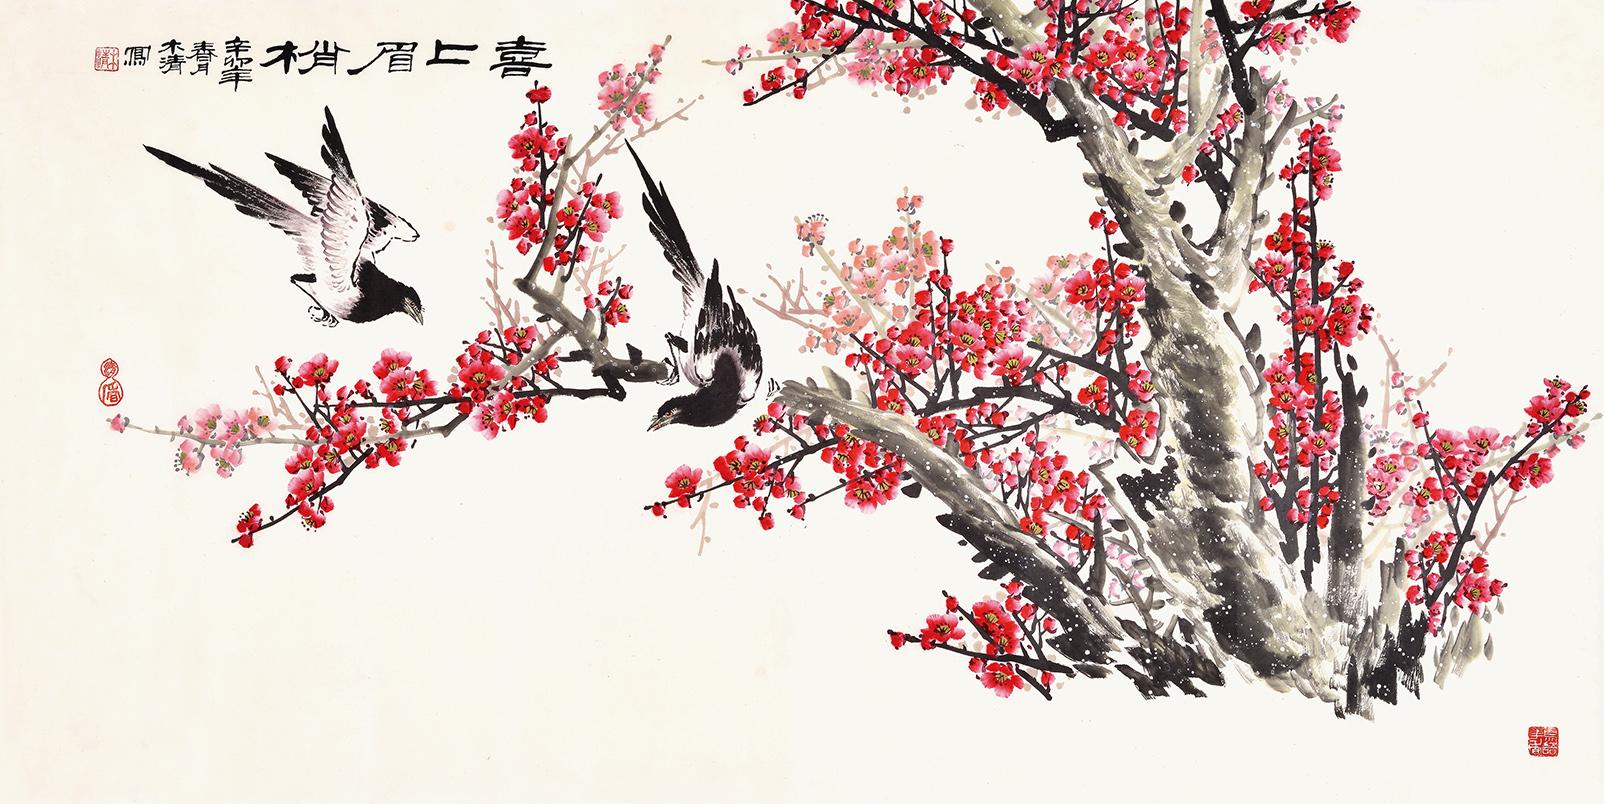 梅花喜鹊双侣《喜上眉梢》                五,陈云鹏三尺横幅动物画